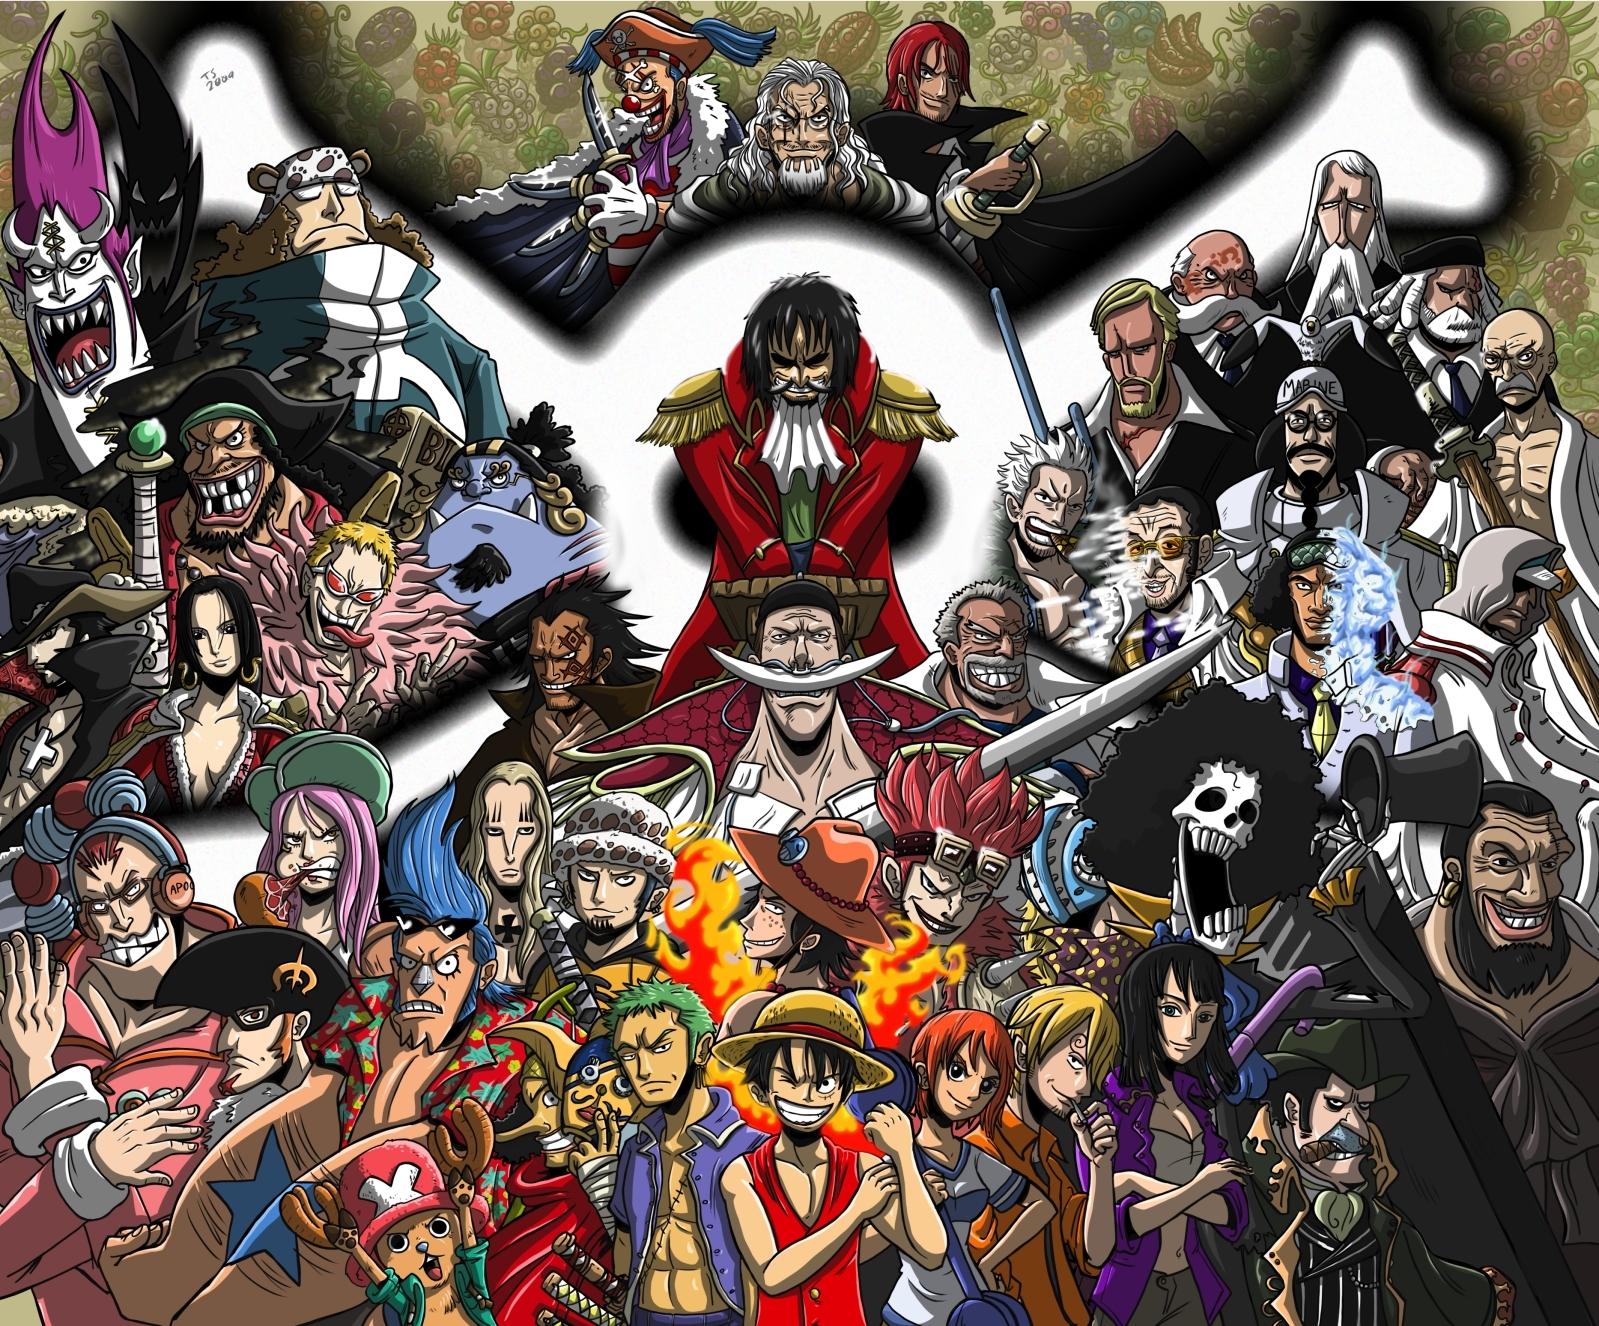 http://1.bp.blogspot.com/-J1eyT1pxcRY/UM40wvhAJ-I/AAAAAAAAAS0/YpOegAG0kkE/s1600/One-Piece-All-Characters-one-piece-10112324-1599-1326.jpg